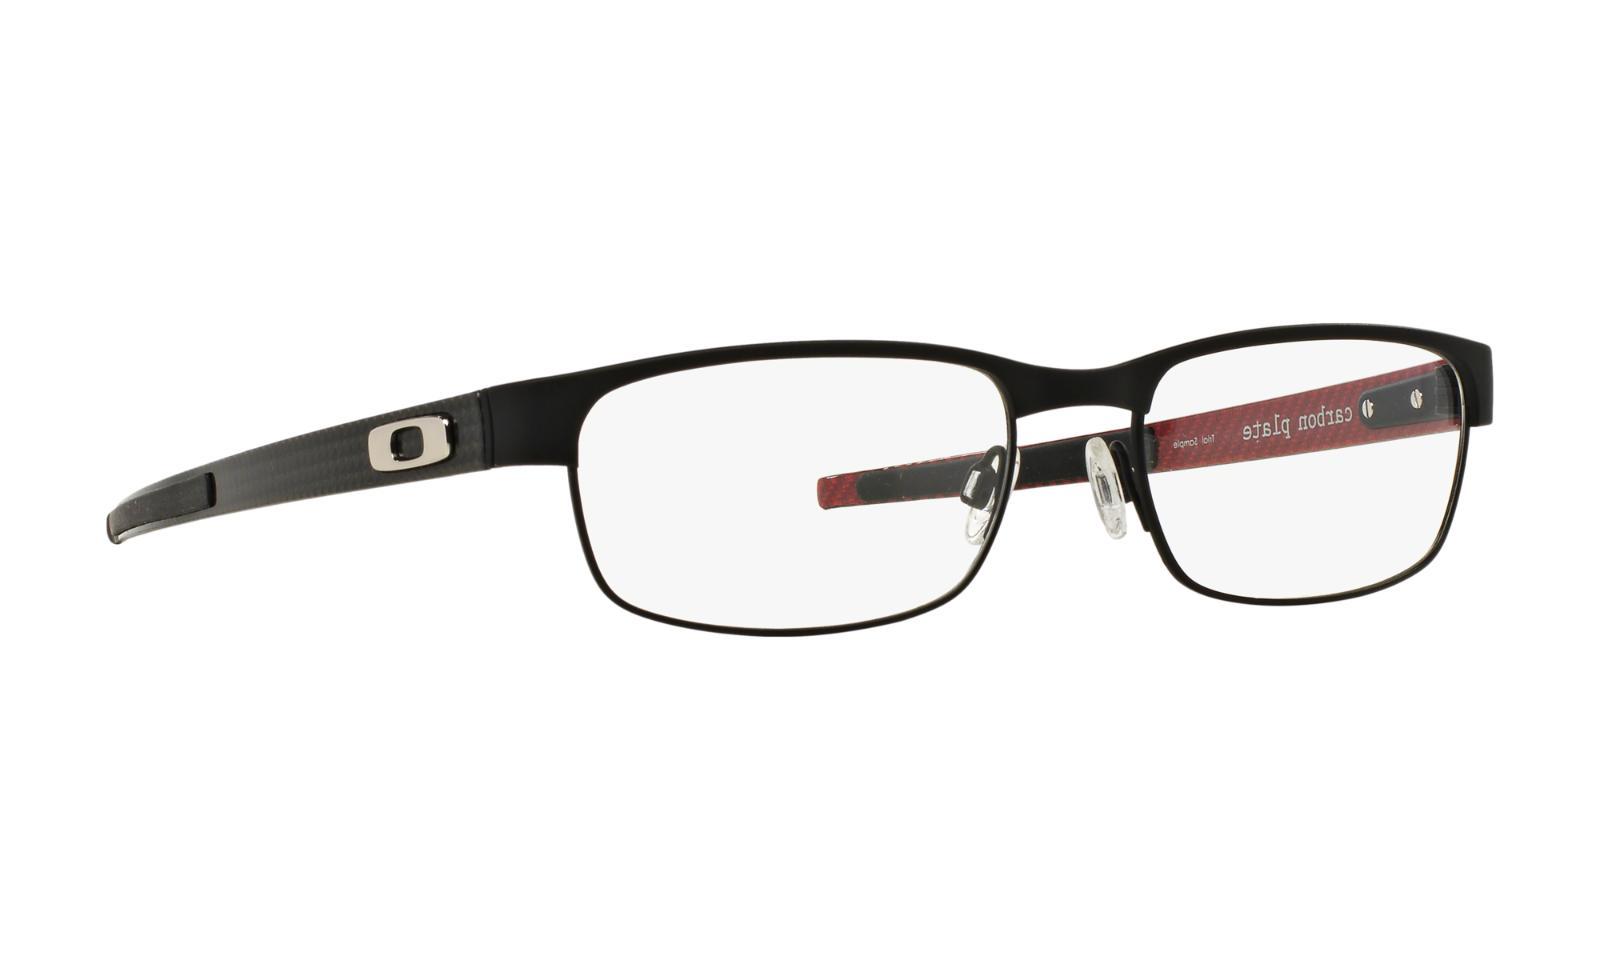 Oakley CARBON PLATE OX5079-0153 Matte W/